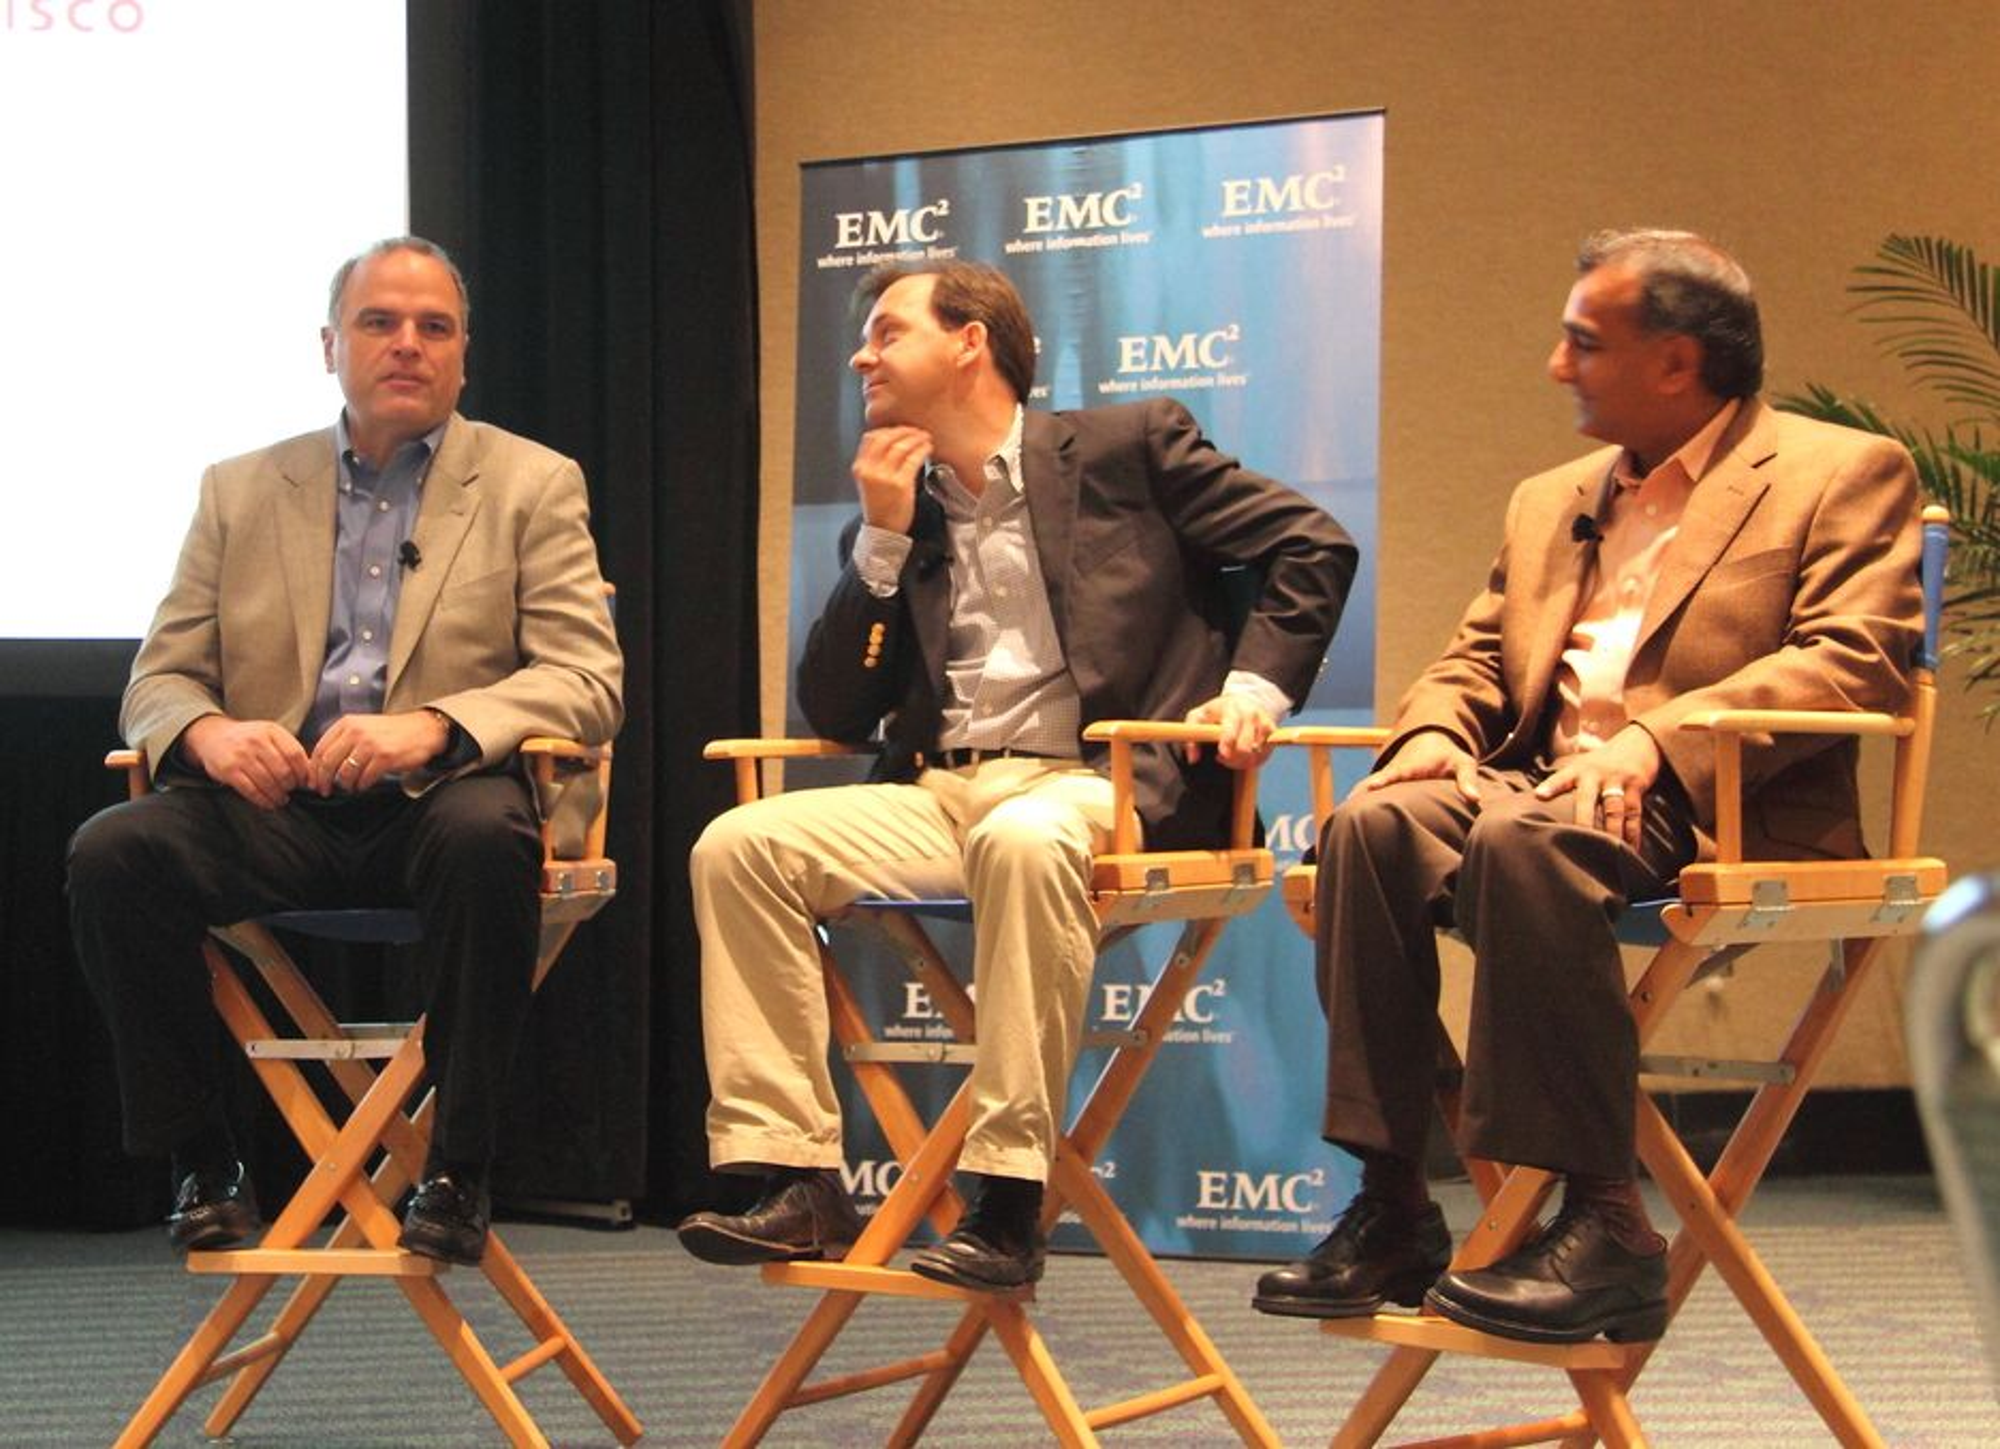 SKYKAMERATER: Chuck Hollis i EMC, Ed Bugnion i Cisco og Parag Patel i VMware vil stå sammen om å realisere sin visjon av Cloud Computing, både på datarommet og ute i skysystemet på nettet.